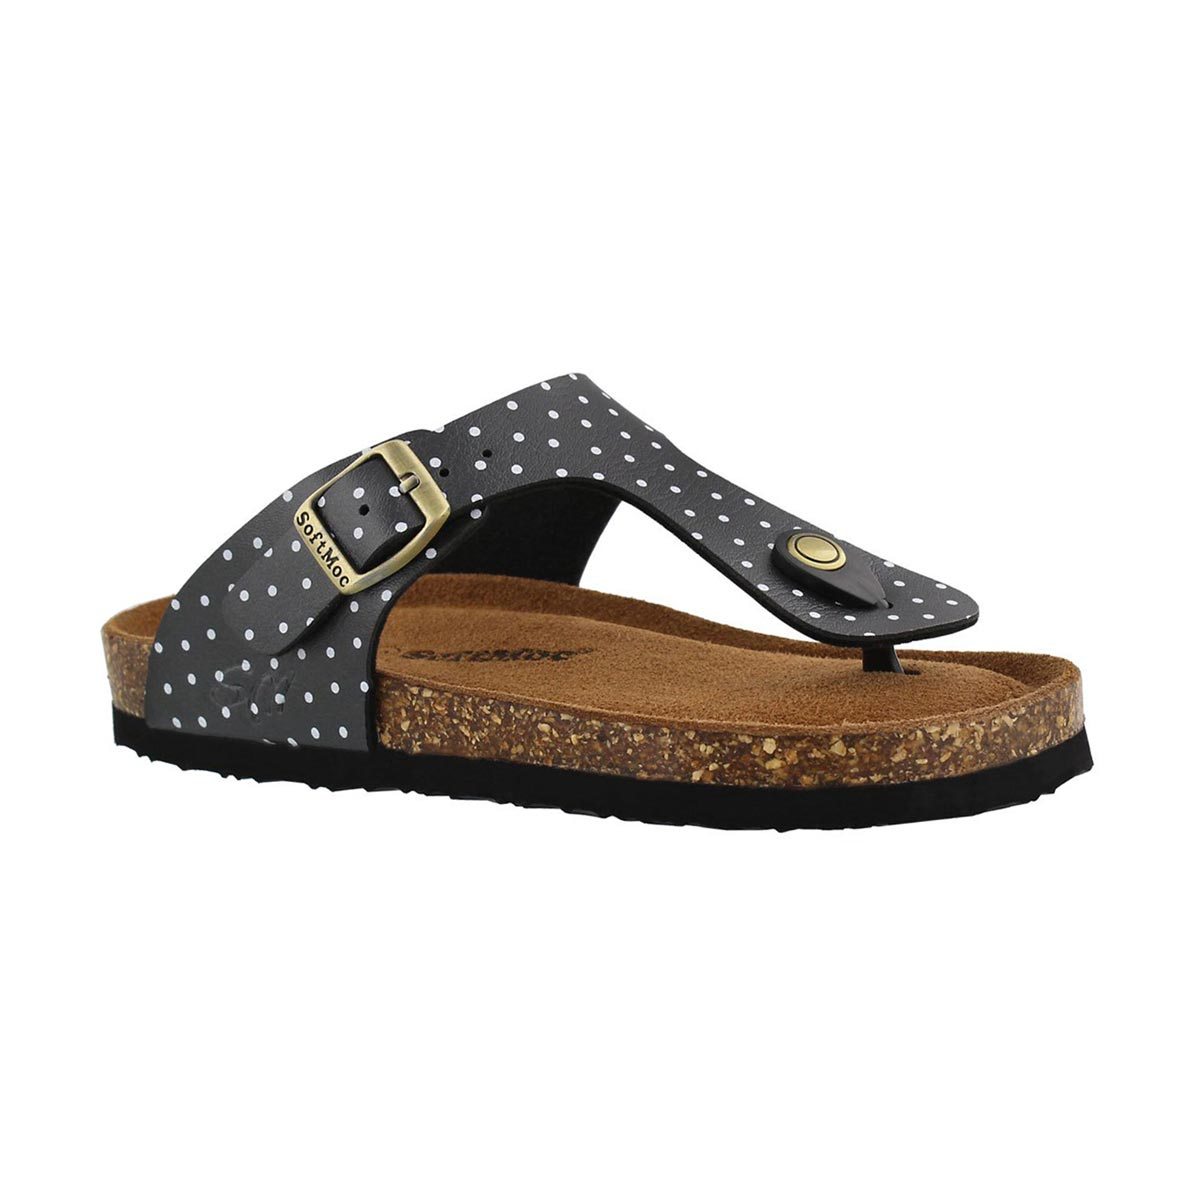 Girls' ALISON 5 black/white dot sandals